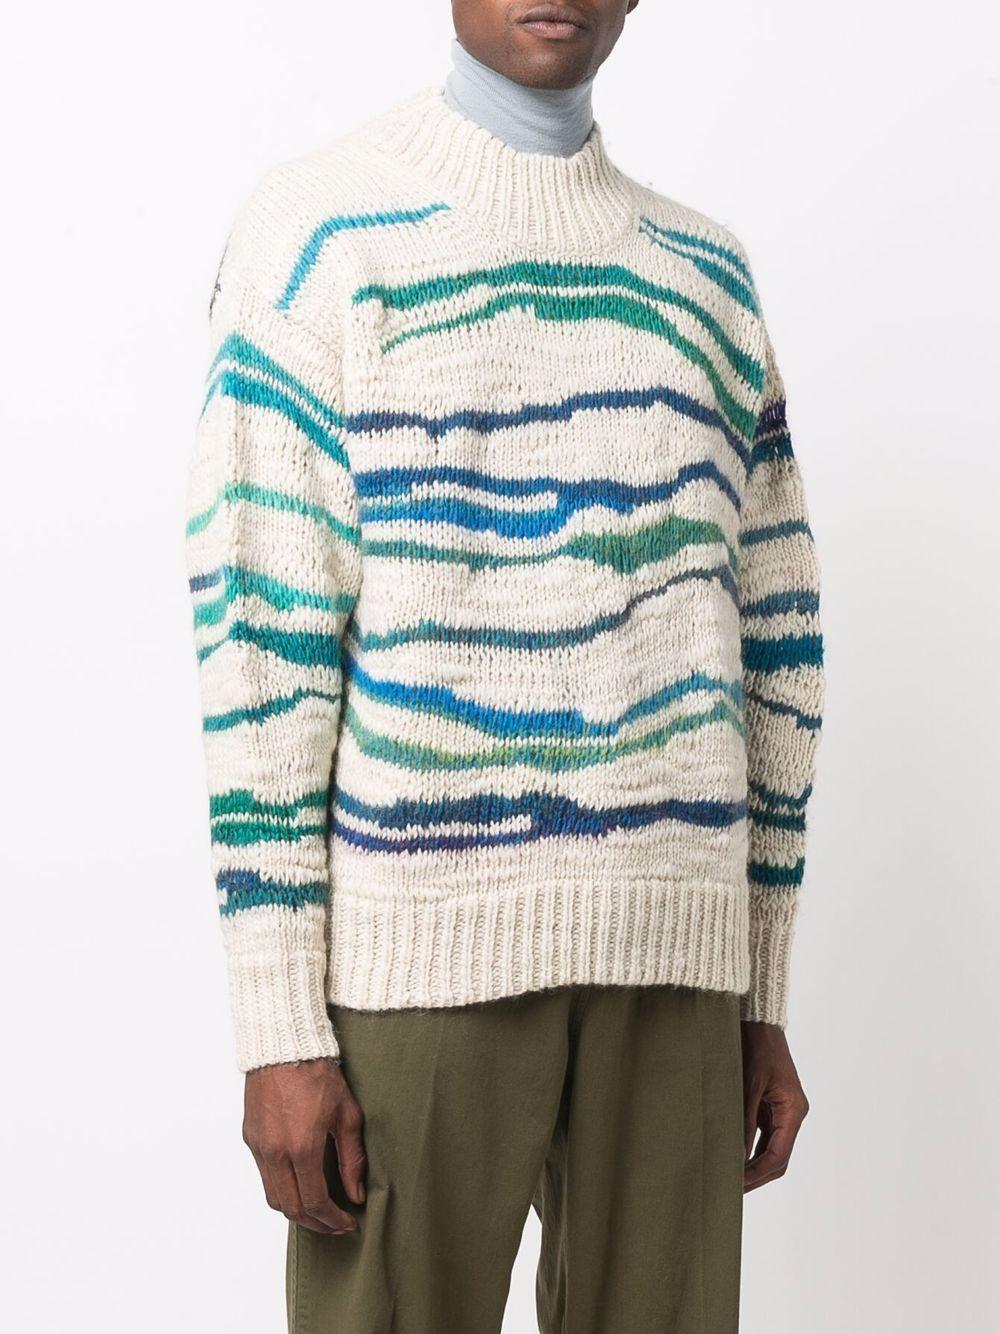 seth sweater man ecru in wool ISABEL MARANT | Sweaters | 21APU1697-21A062HGEEC